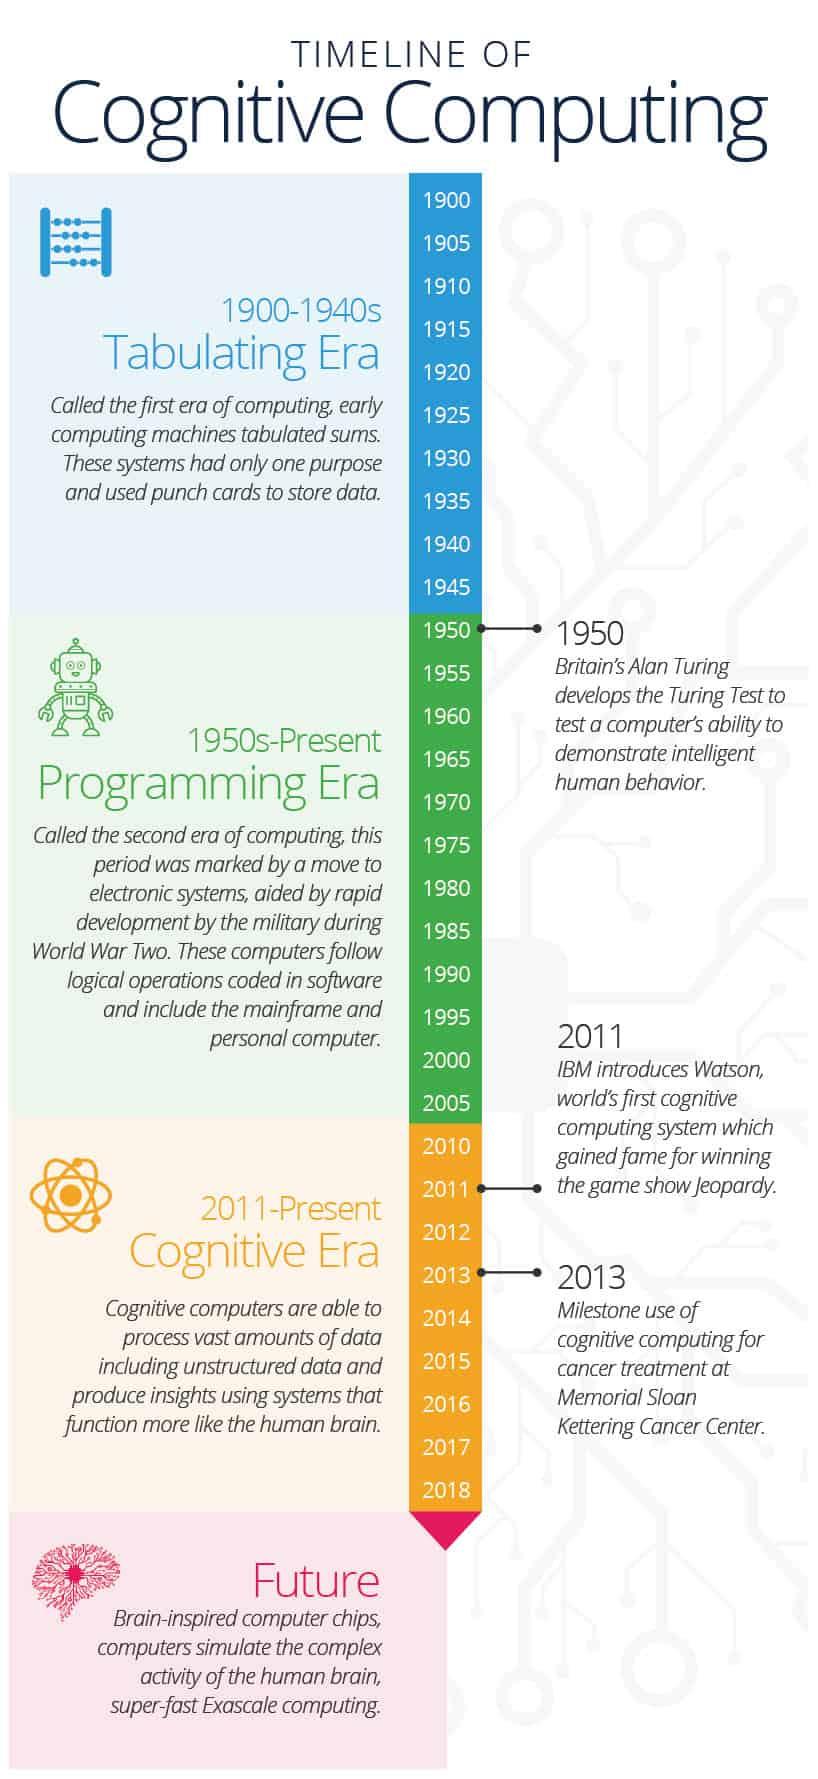 Cognitive Computing Timeline